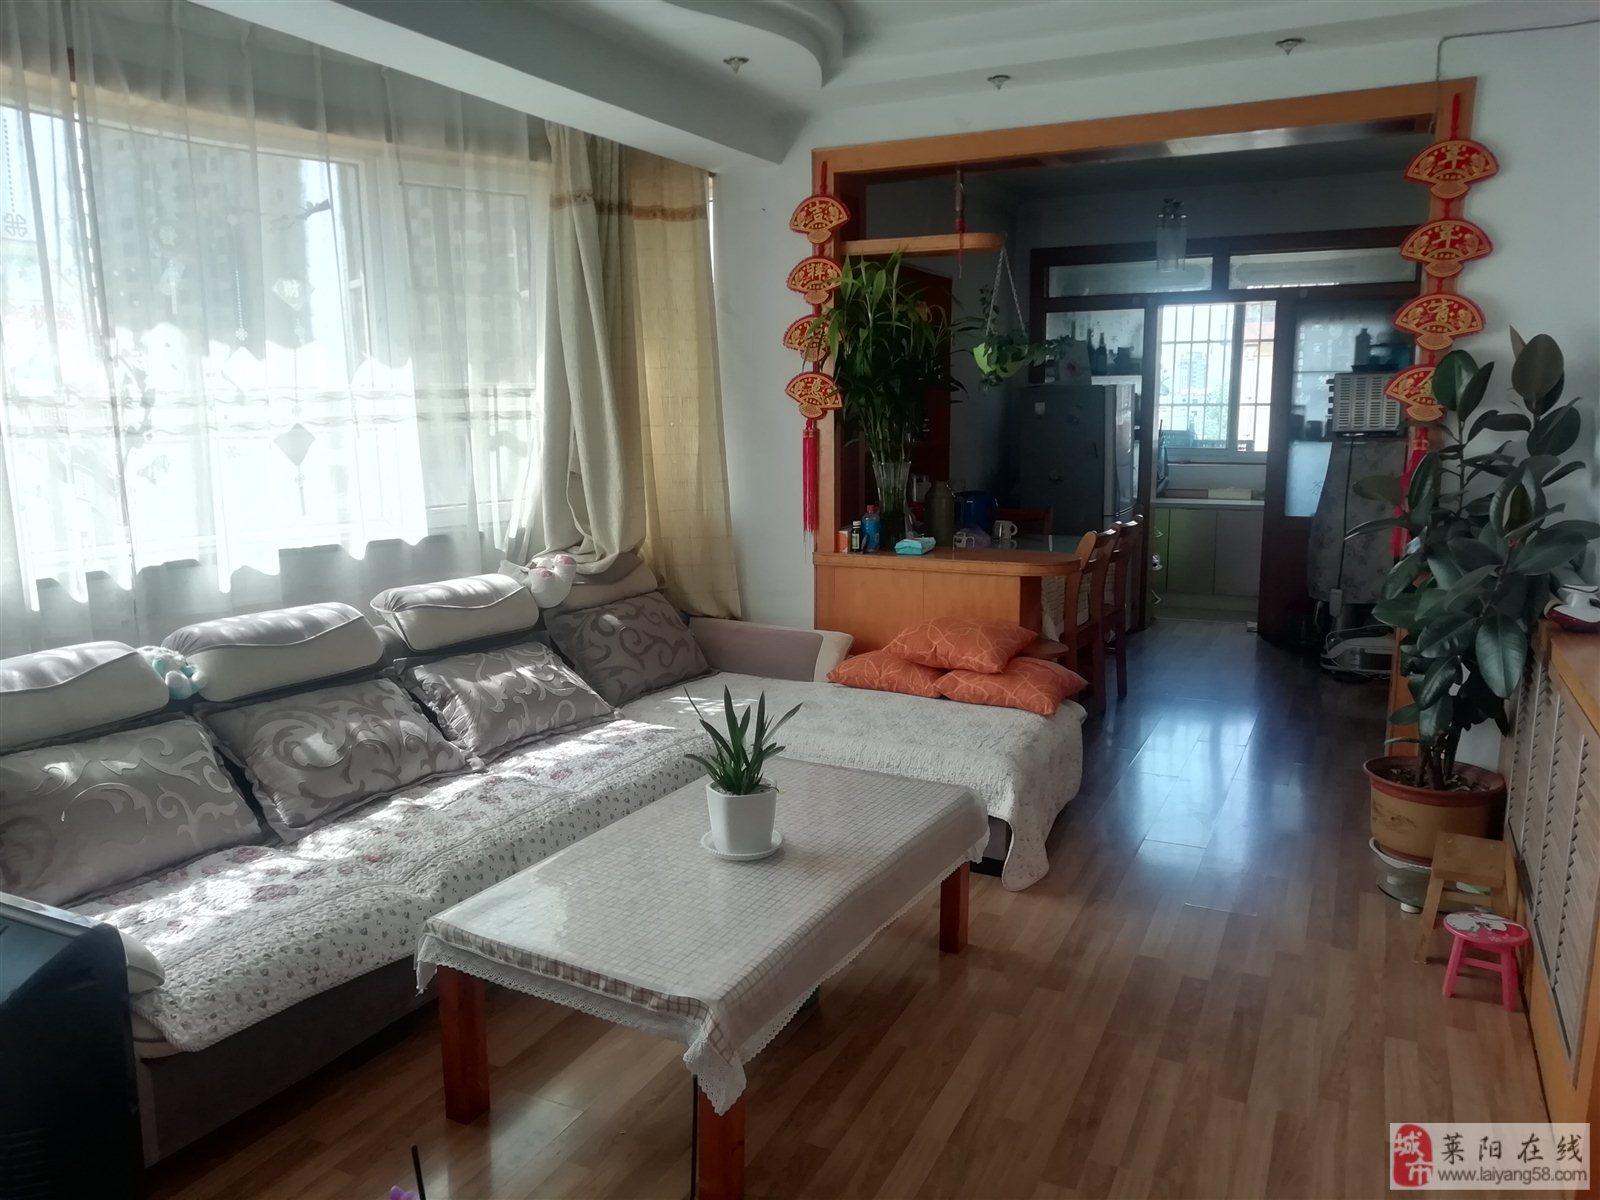 鹤山小区3室2厅1卫58万元